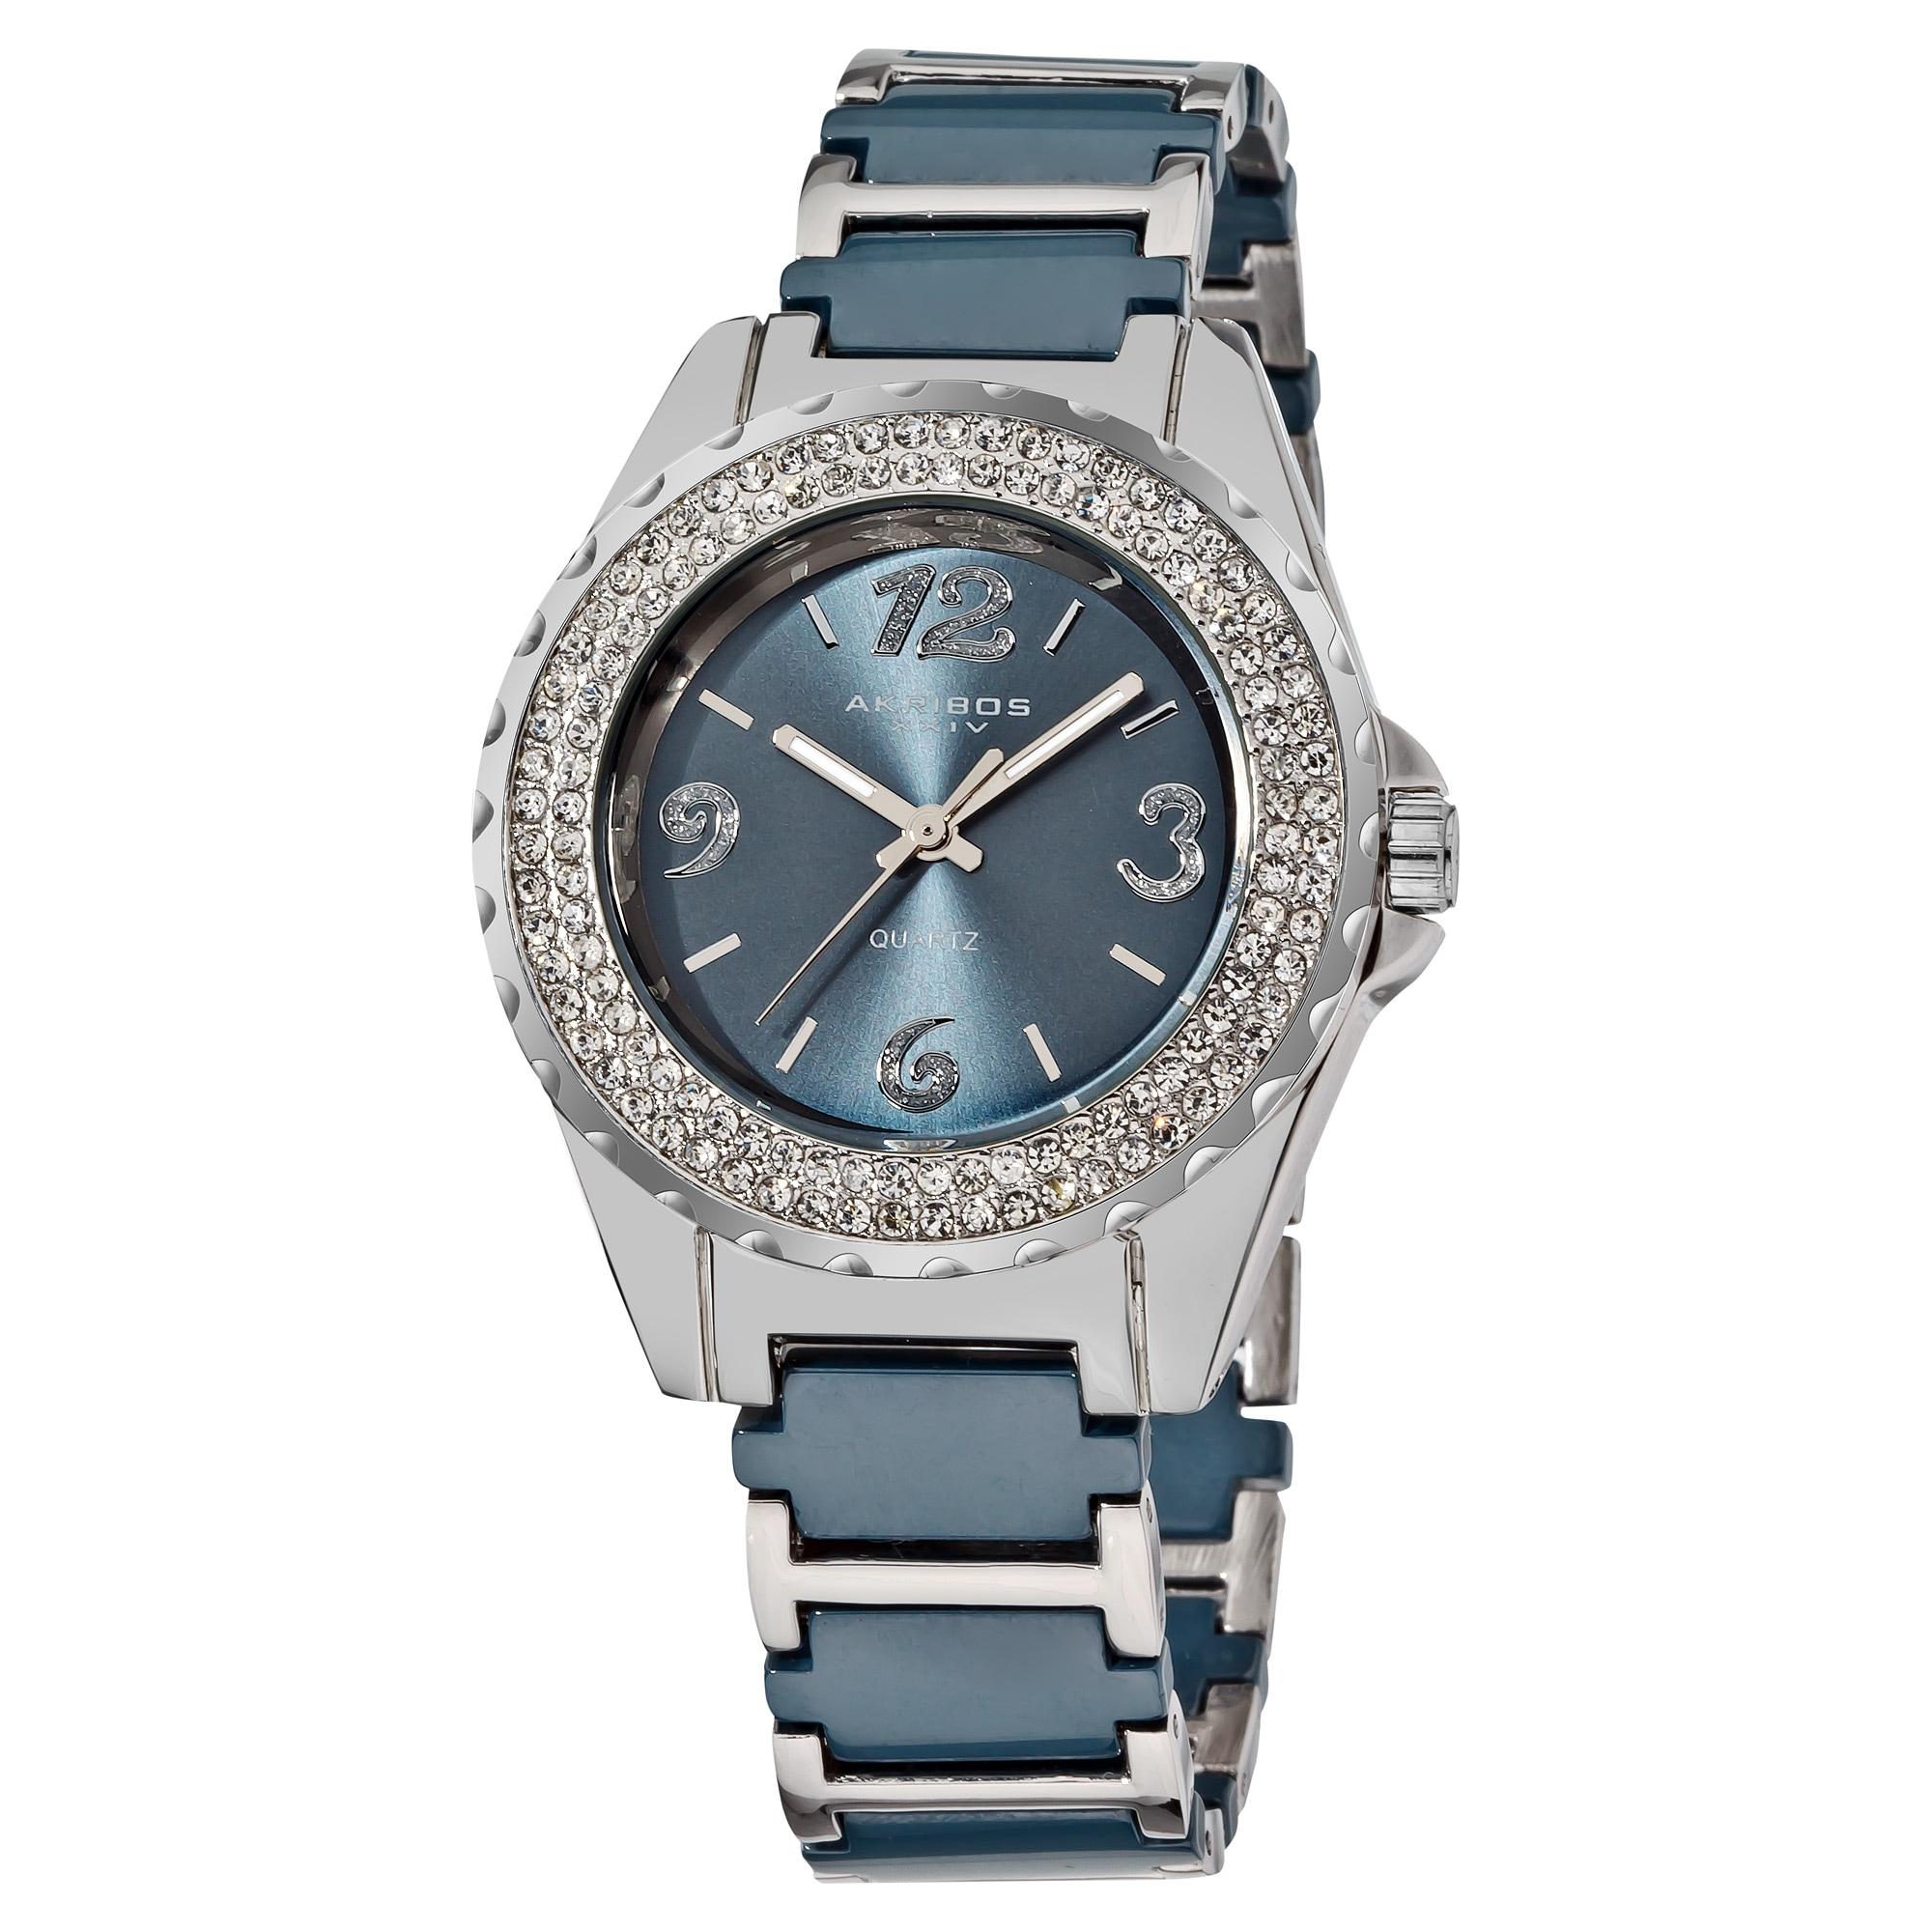 Akribos XXIV Women's Quartz Crystal Ceramic Stainless Steel Bracelet Watch